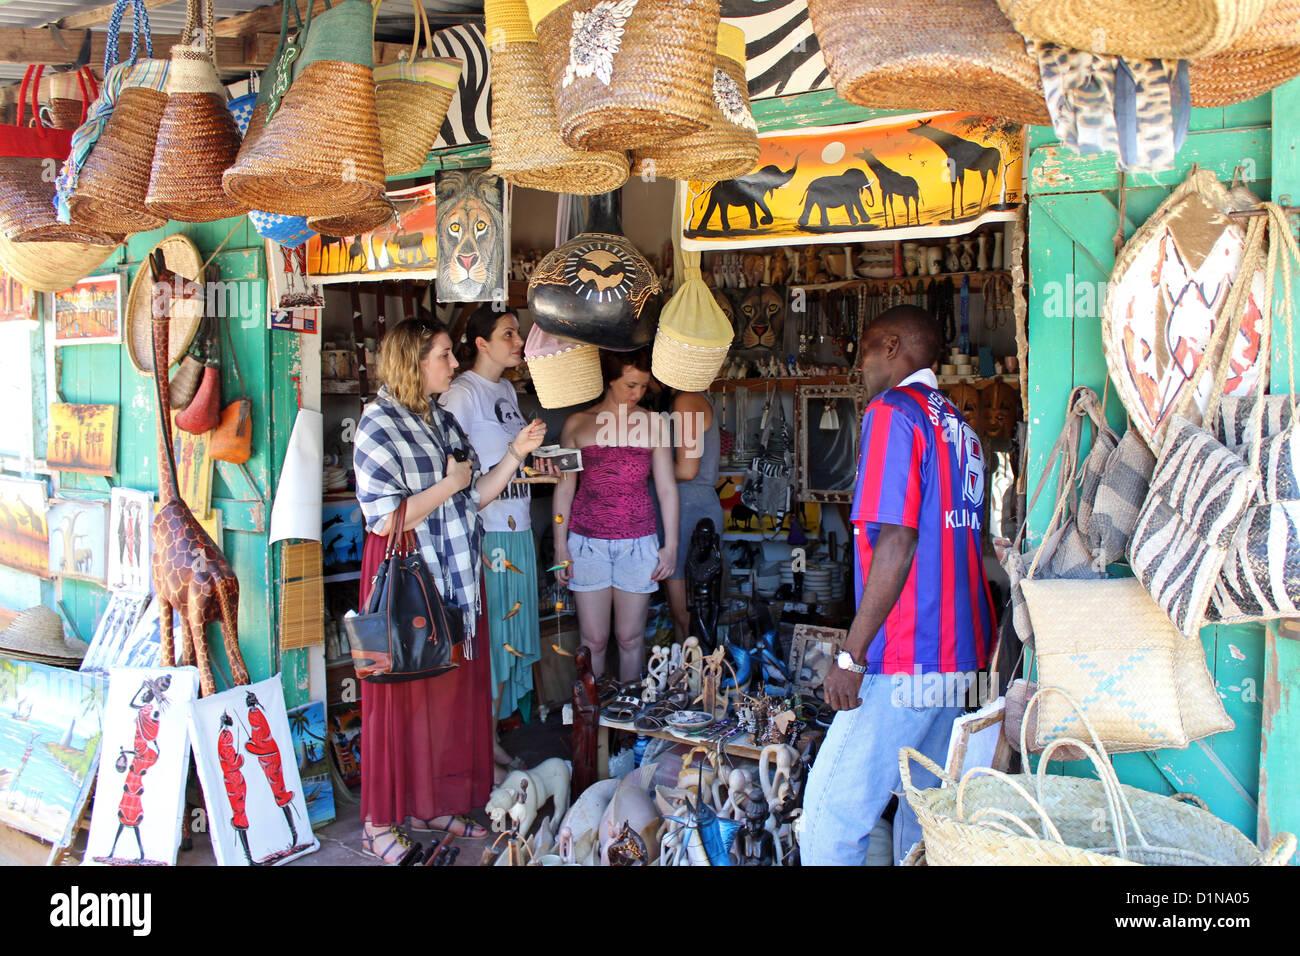 Arte y mercado artesanal de souvenirs, Malindi, Kenia, África Oriental Imagen De Stock